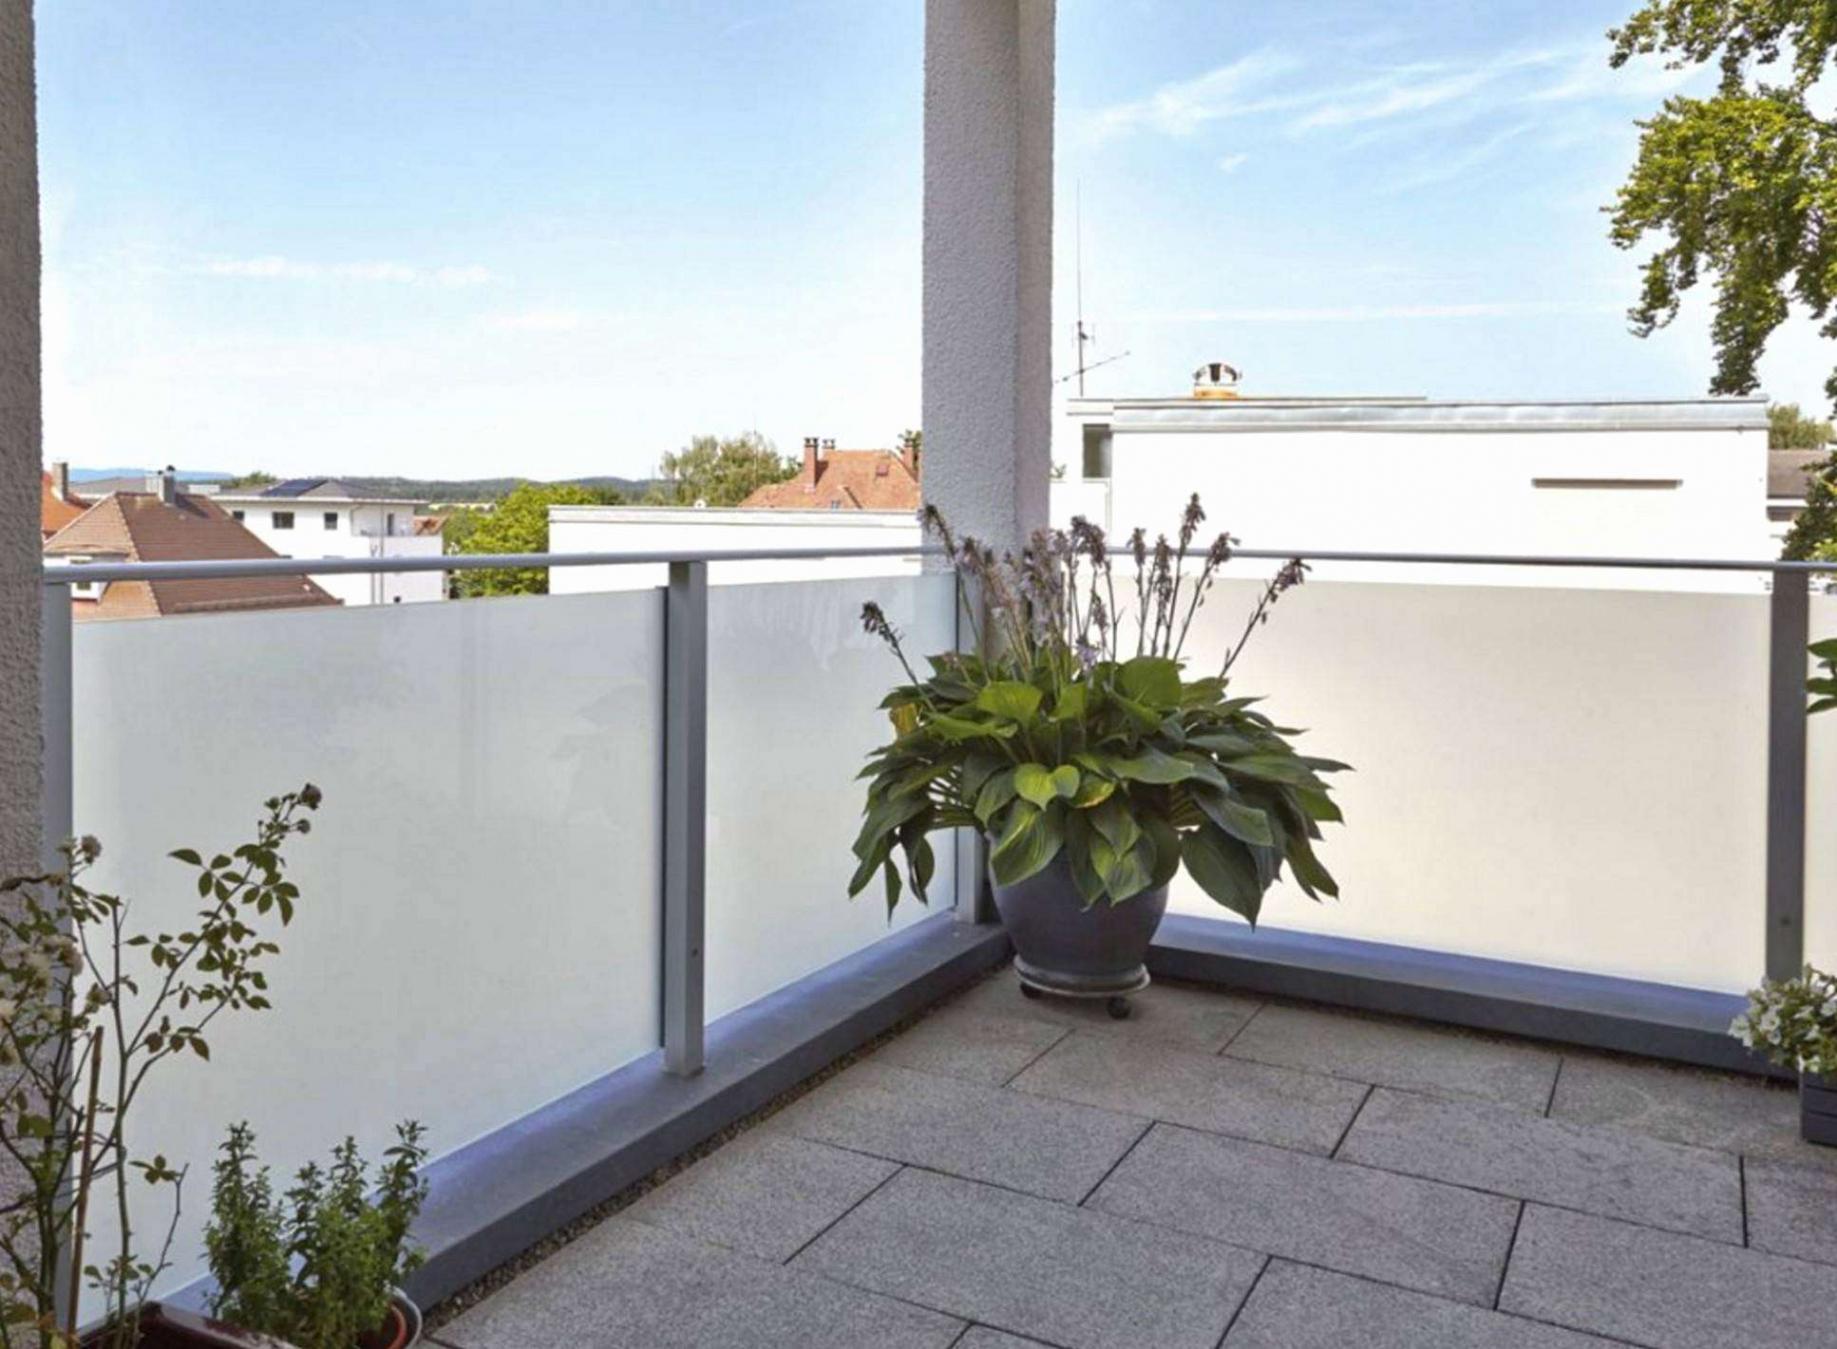 42 schon sichtschutz balkon ideen pic sonnenschutz balkon ideen sonnenschutz balkon ideen